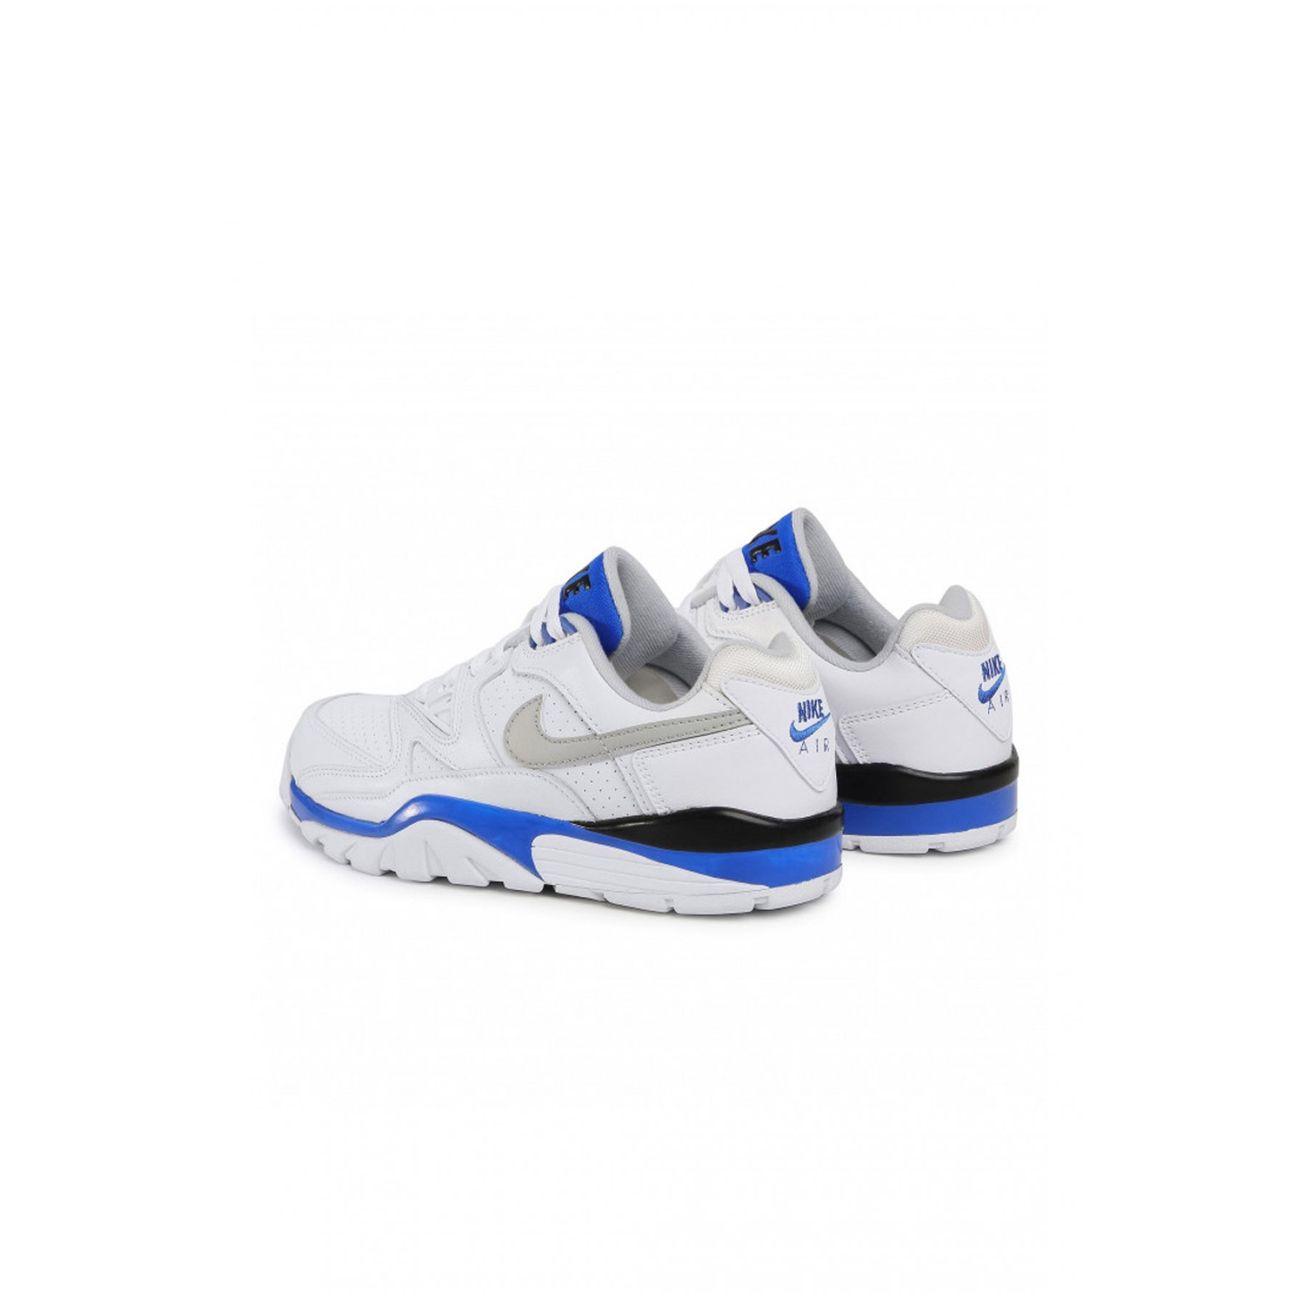 homme NIKE Basket en cuir AIR CROSS TRAINER - Nike - Homme